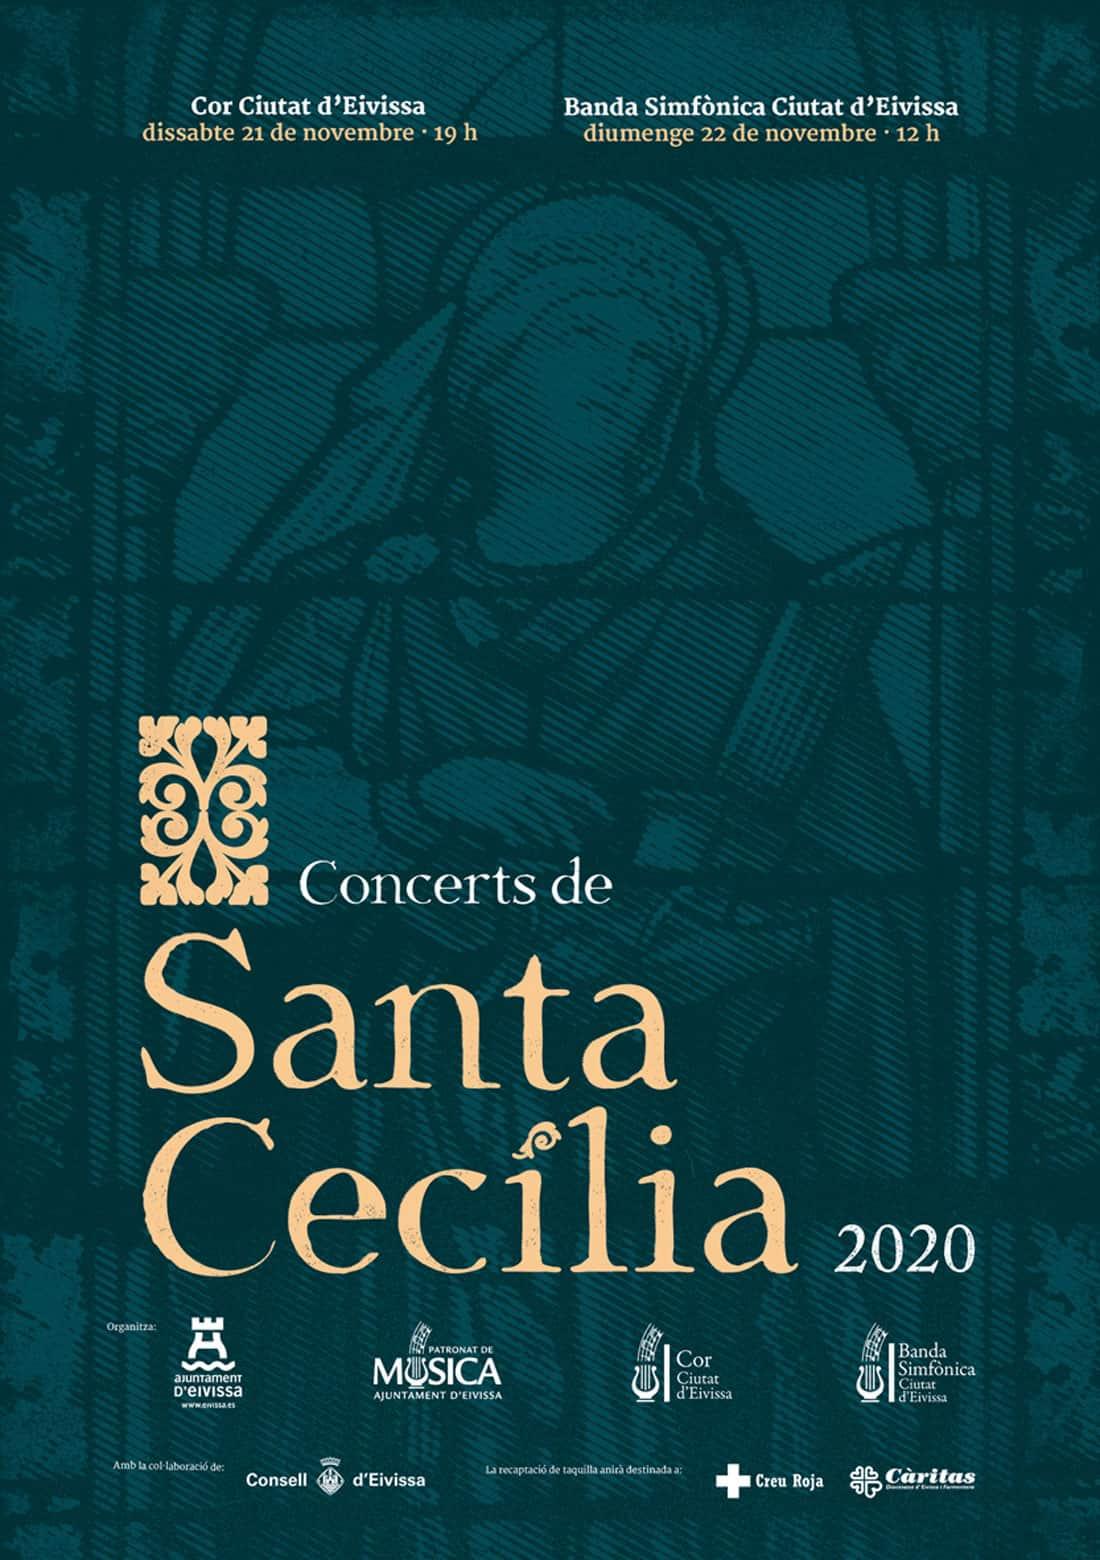 conciertos-de-santa-cecilia-ibiza-2020-welcometoibiza